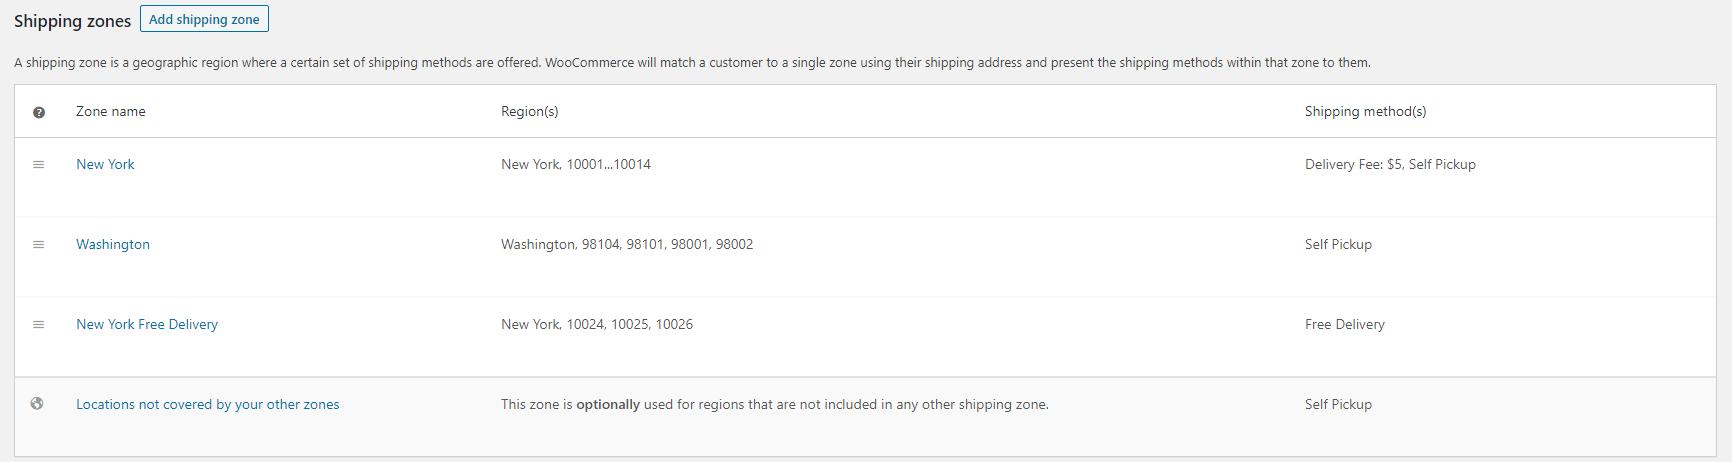 shipping_method